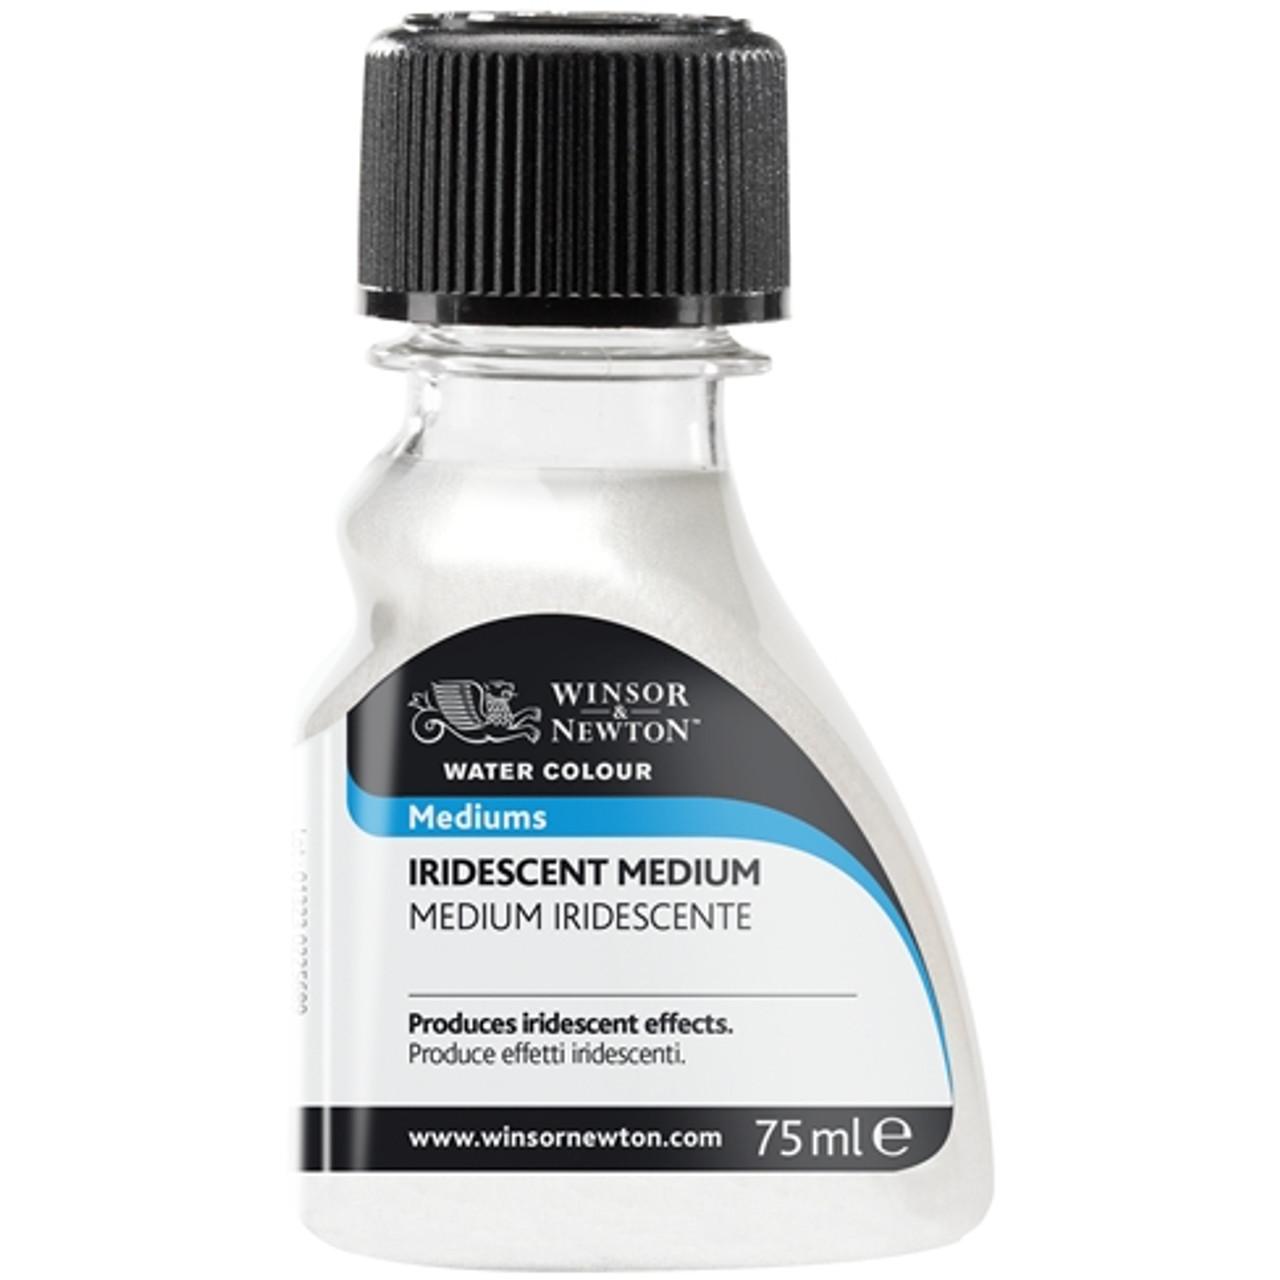 Iridescent Medium, 75ml